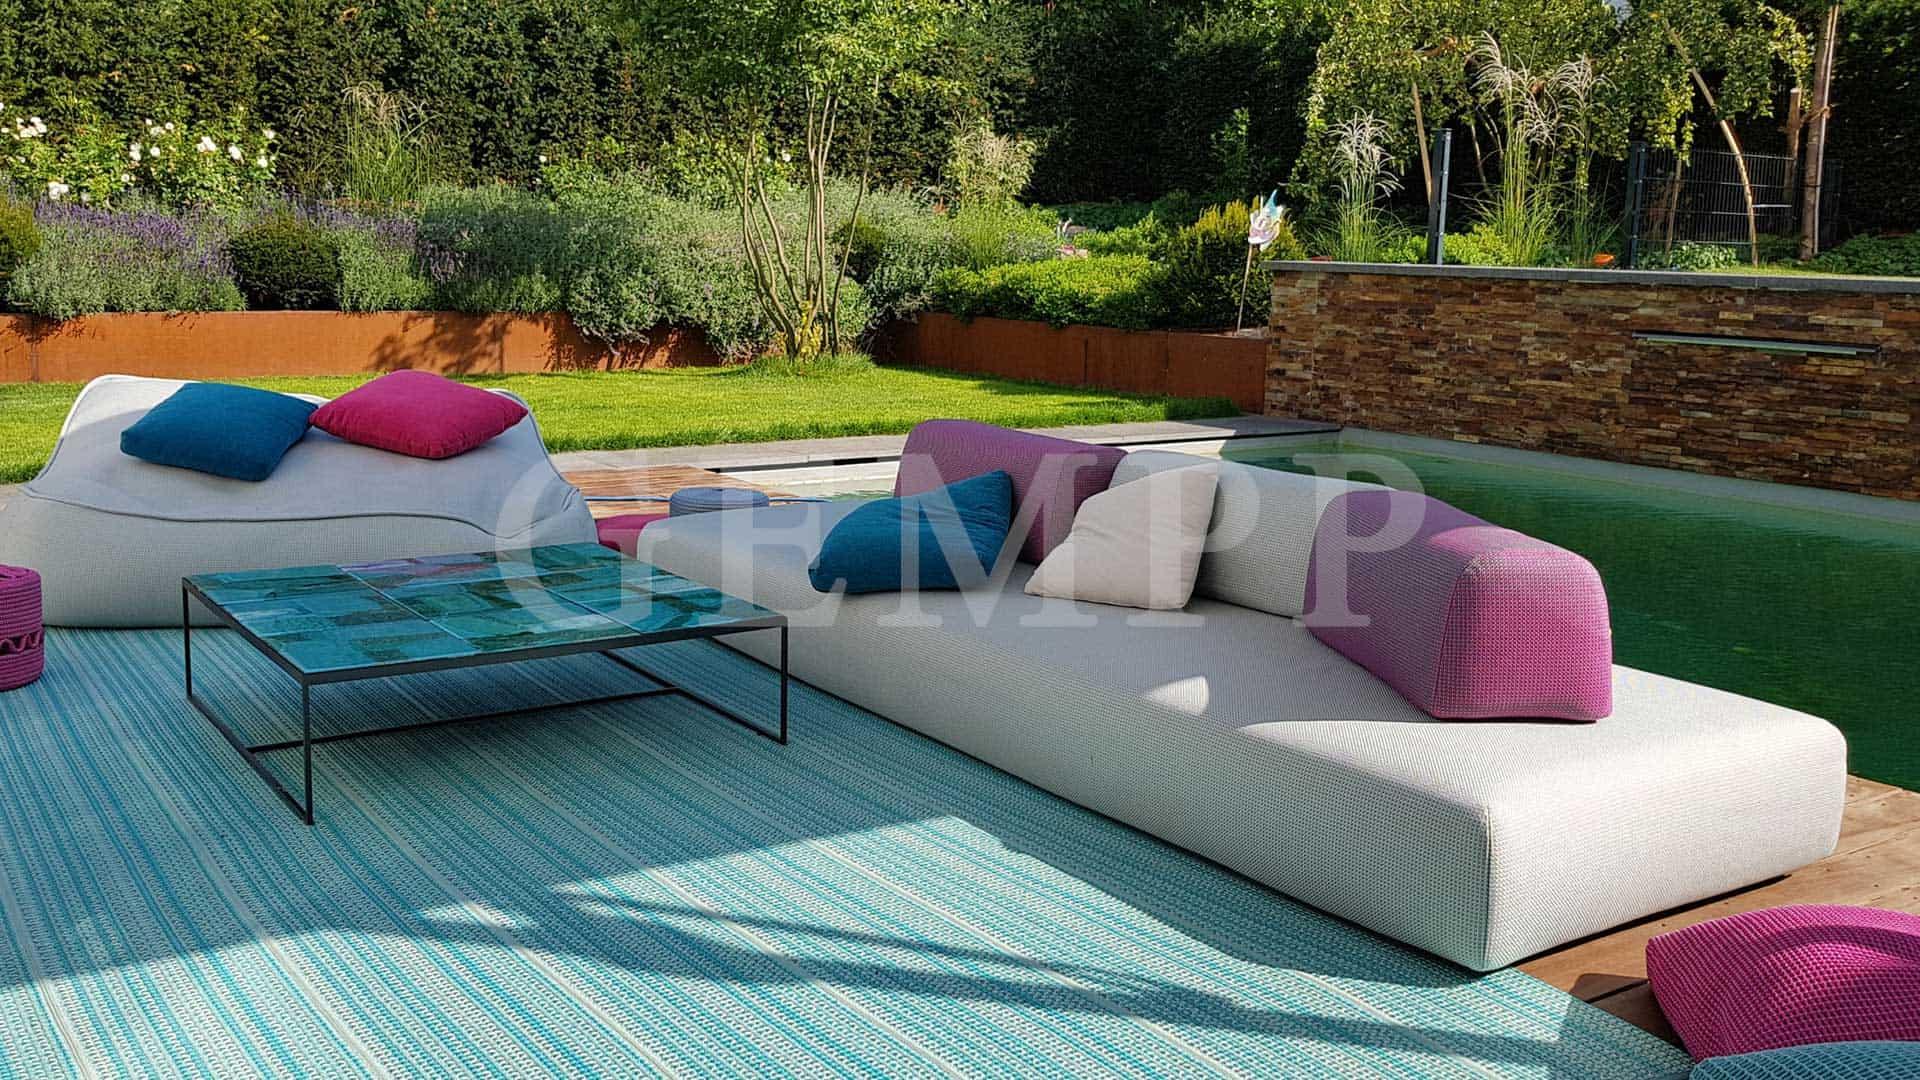 Moderne gartengestaltung mit pool frankfurt am main for Gartengestaltung mit pool